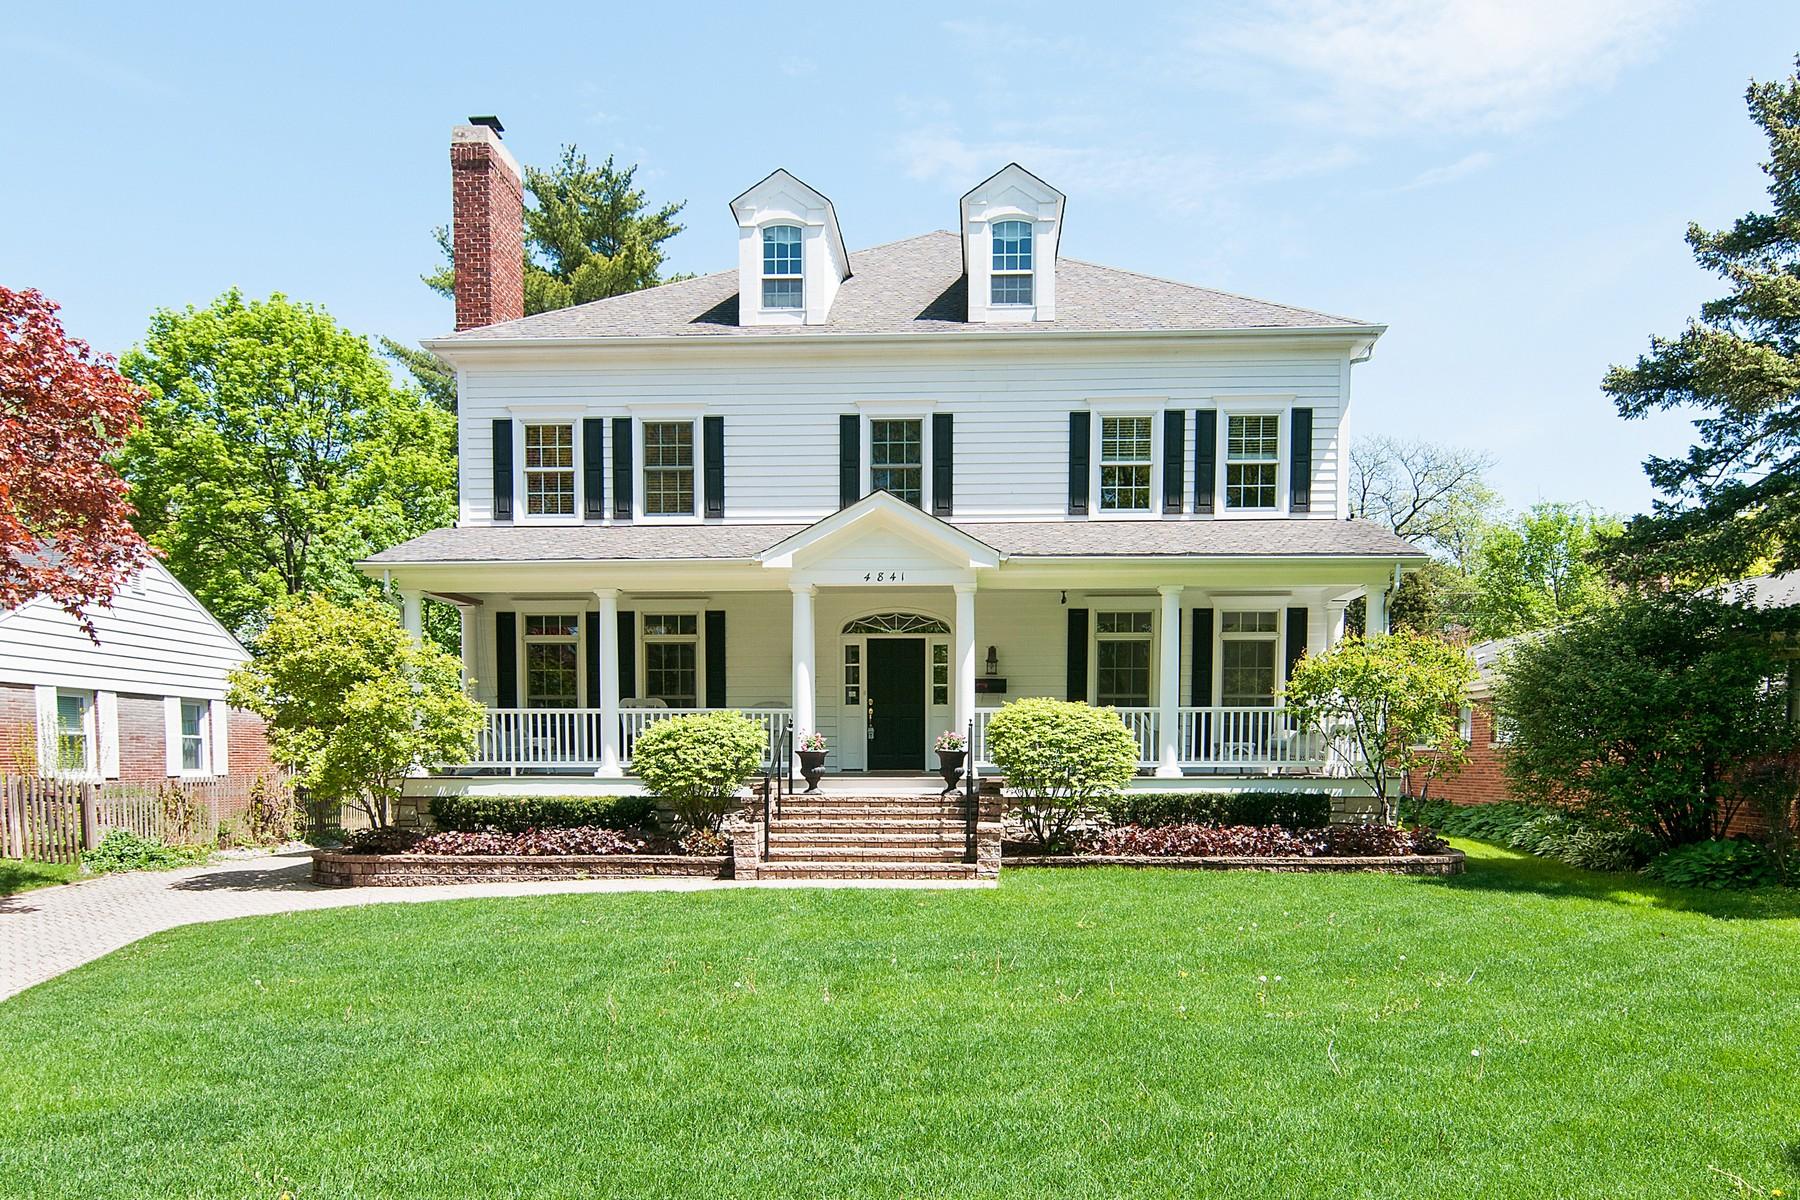 Частный односемейный дом для того Продажа на 4841 Woodland Avenue Western Springs, Иллинойс, 60558 Соединенные Штаты